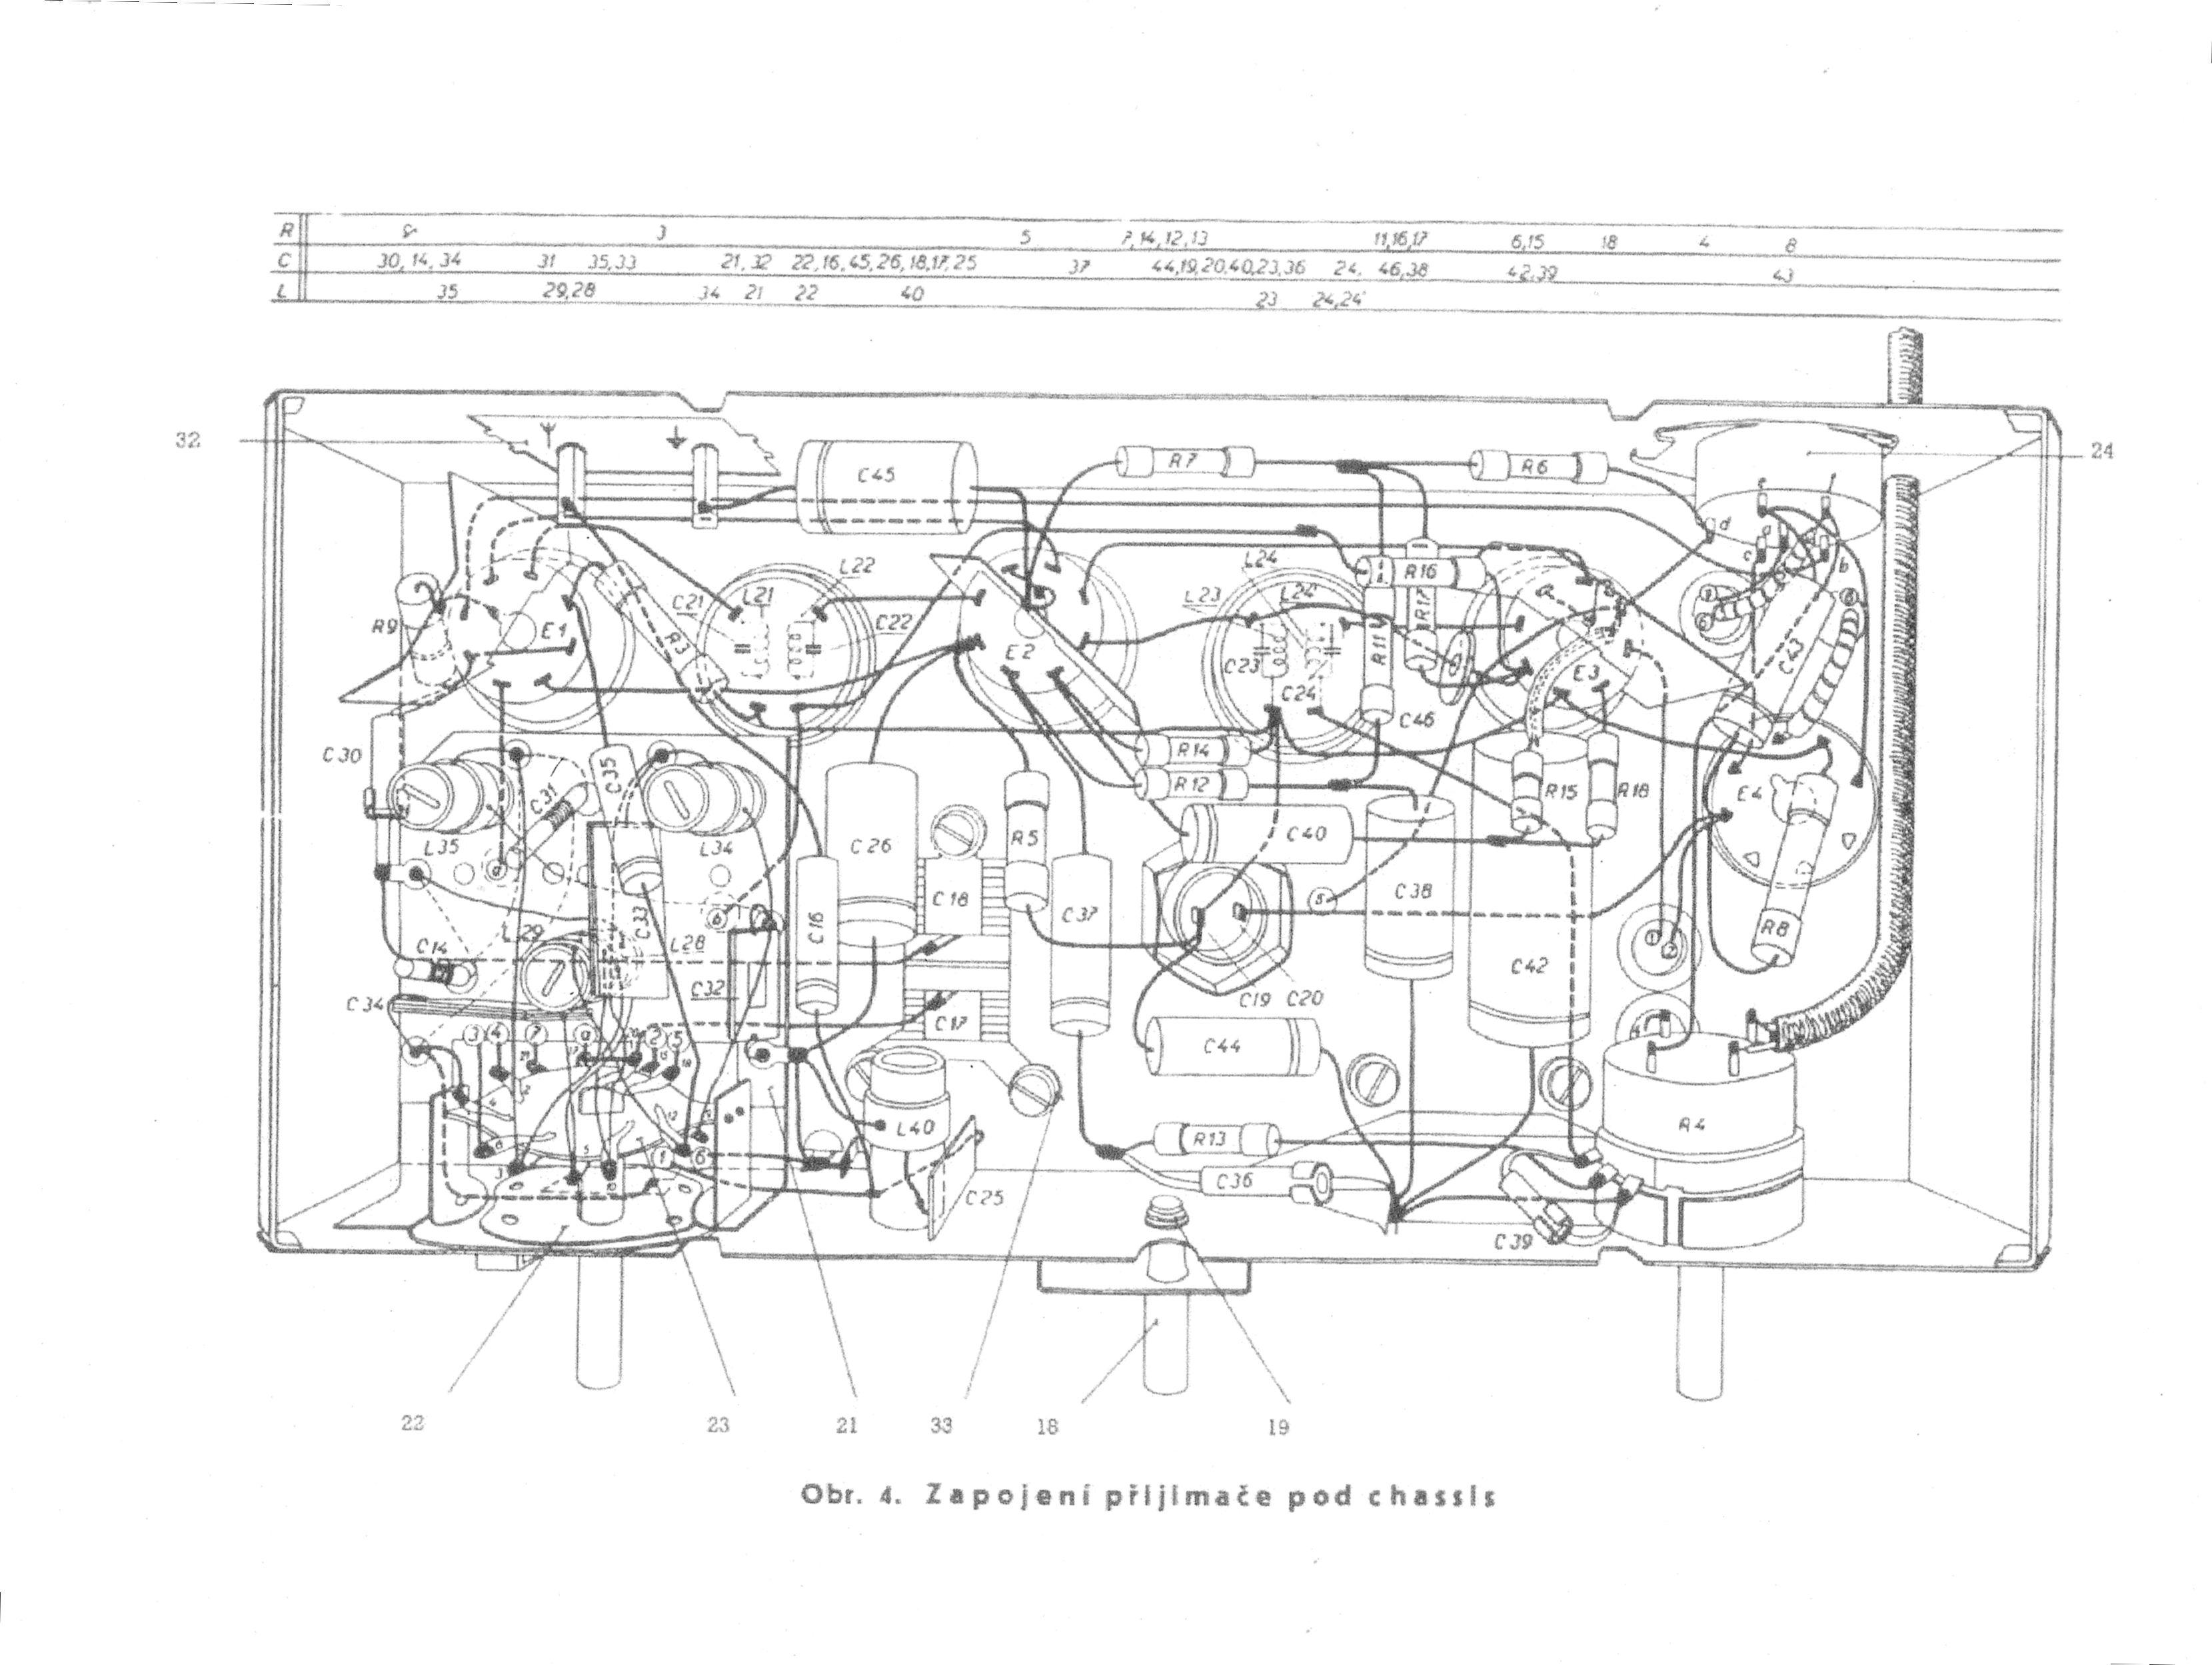 1995 lexus ls400 radio wiring diagram